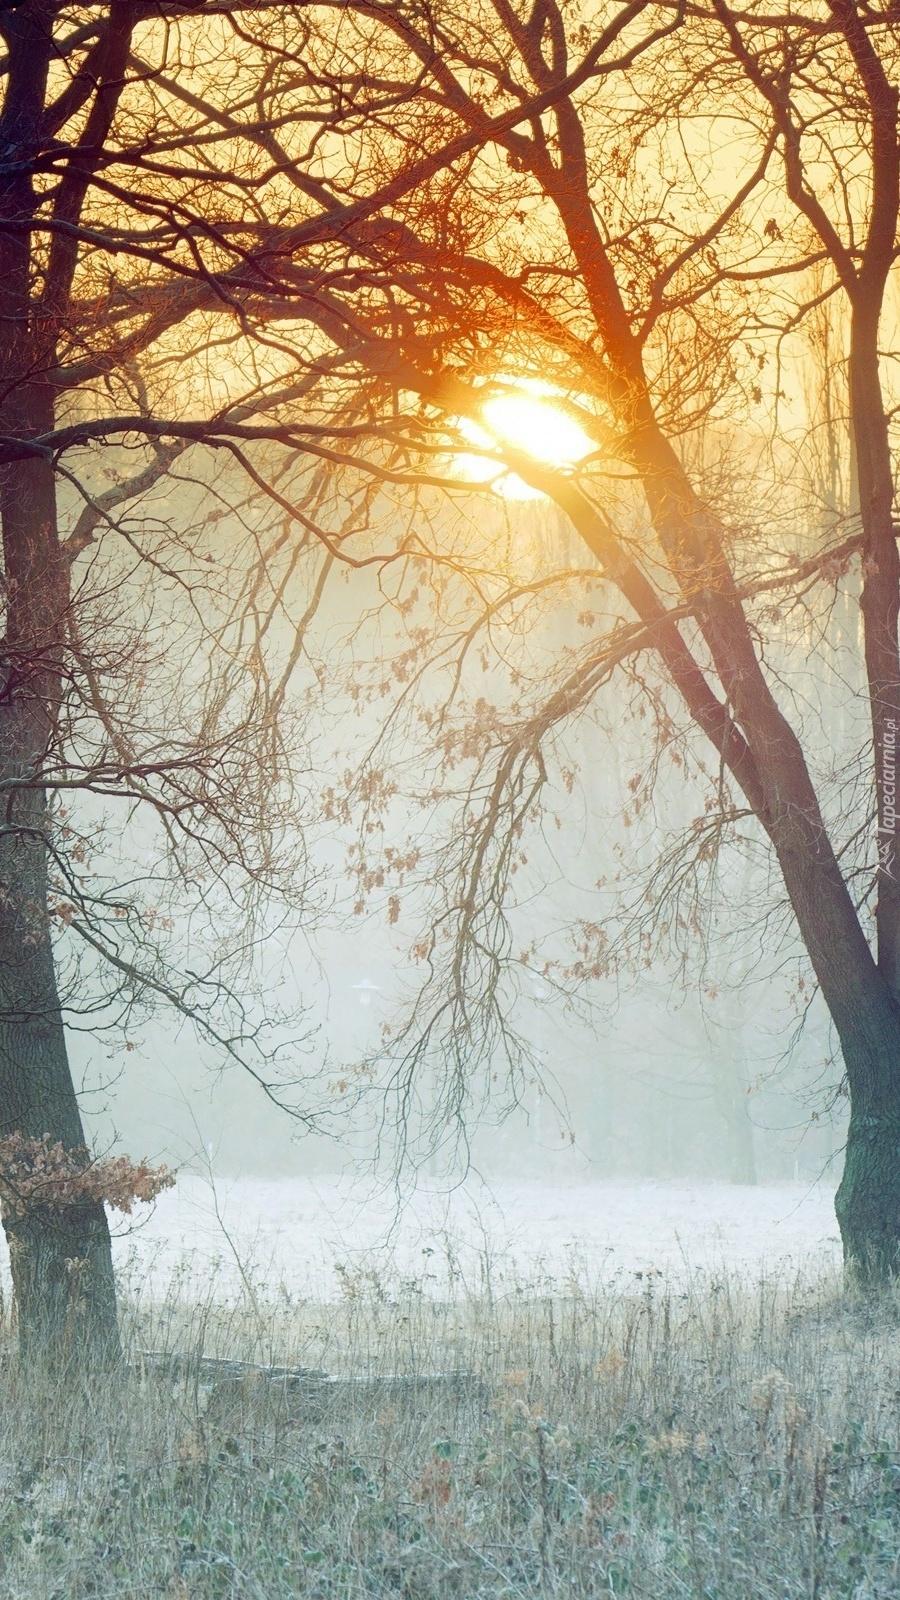 Poranek w zamglonym lesie